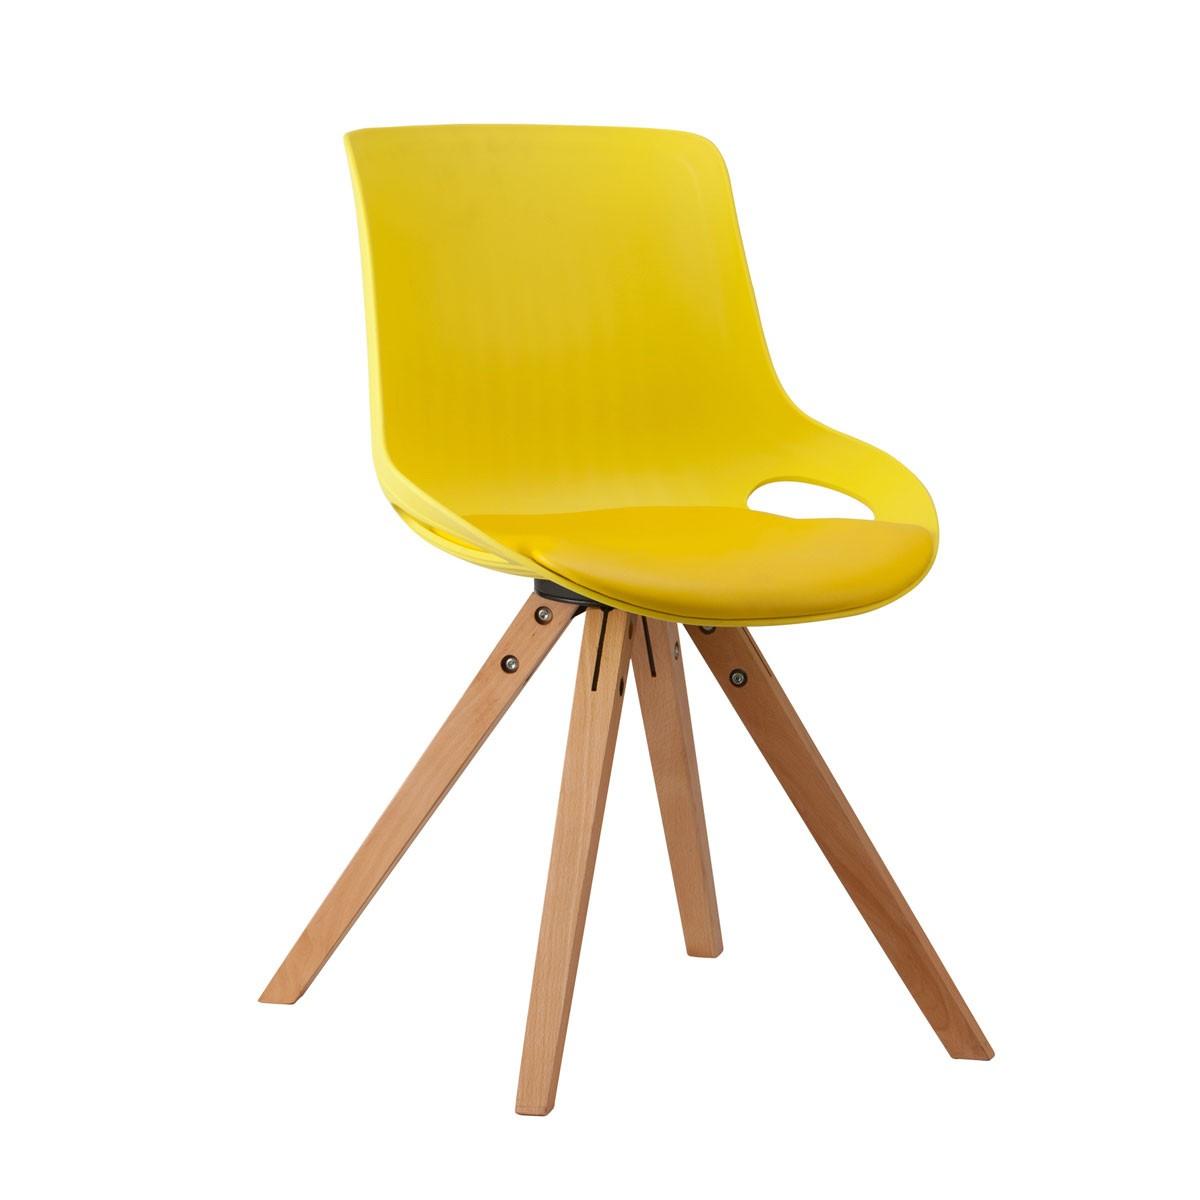 Chaise Plastique en Jaune avec 4 Pieds Bois - (YMG-9305C-1)